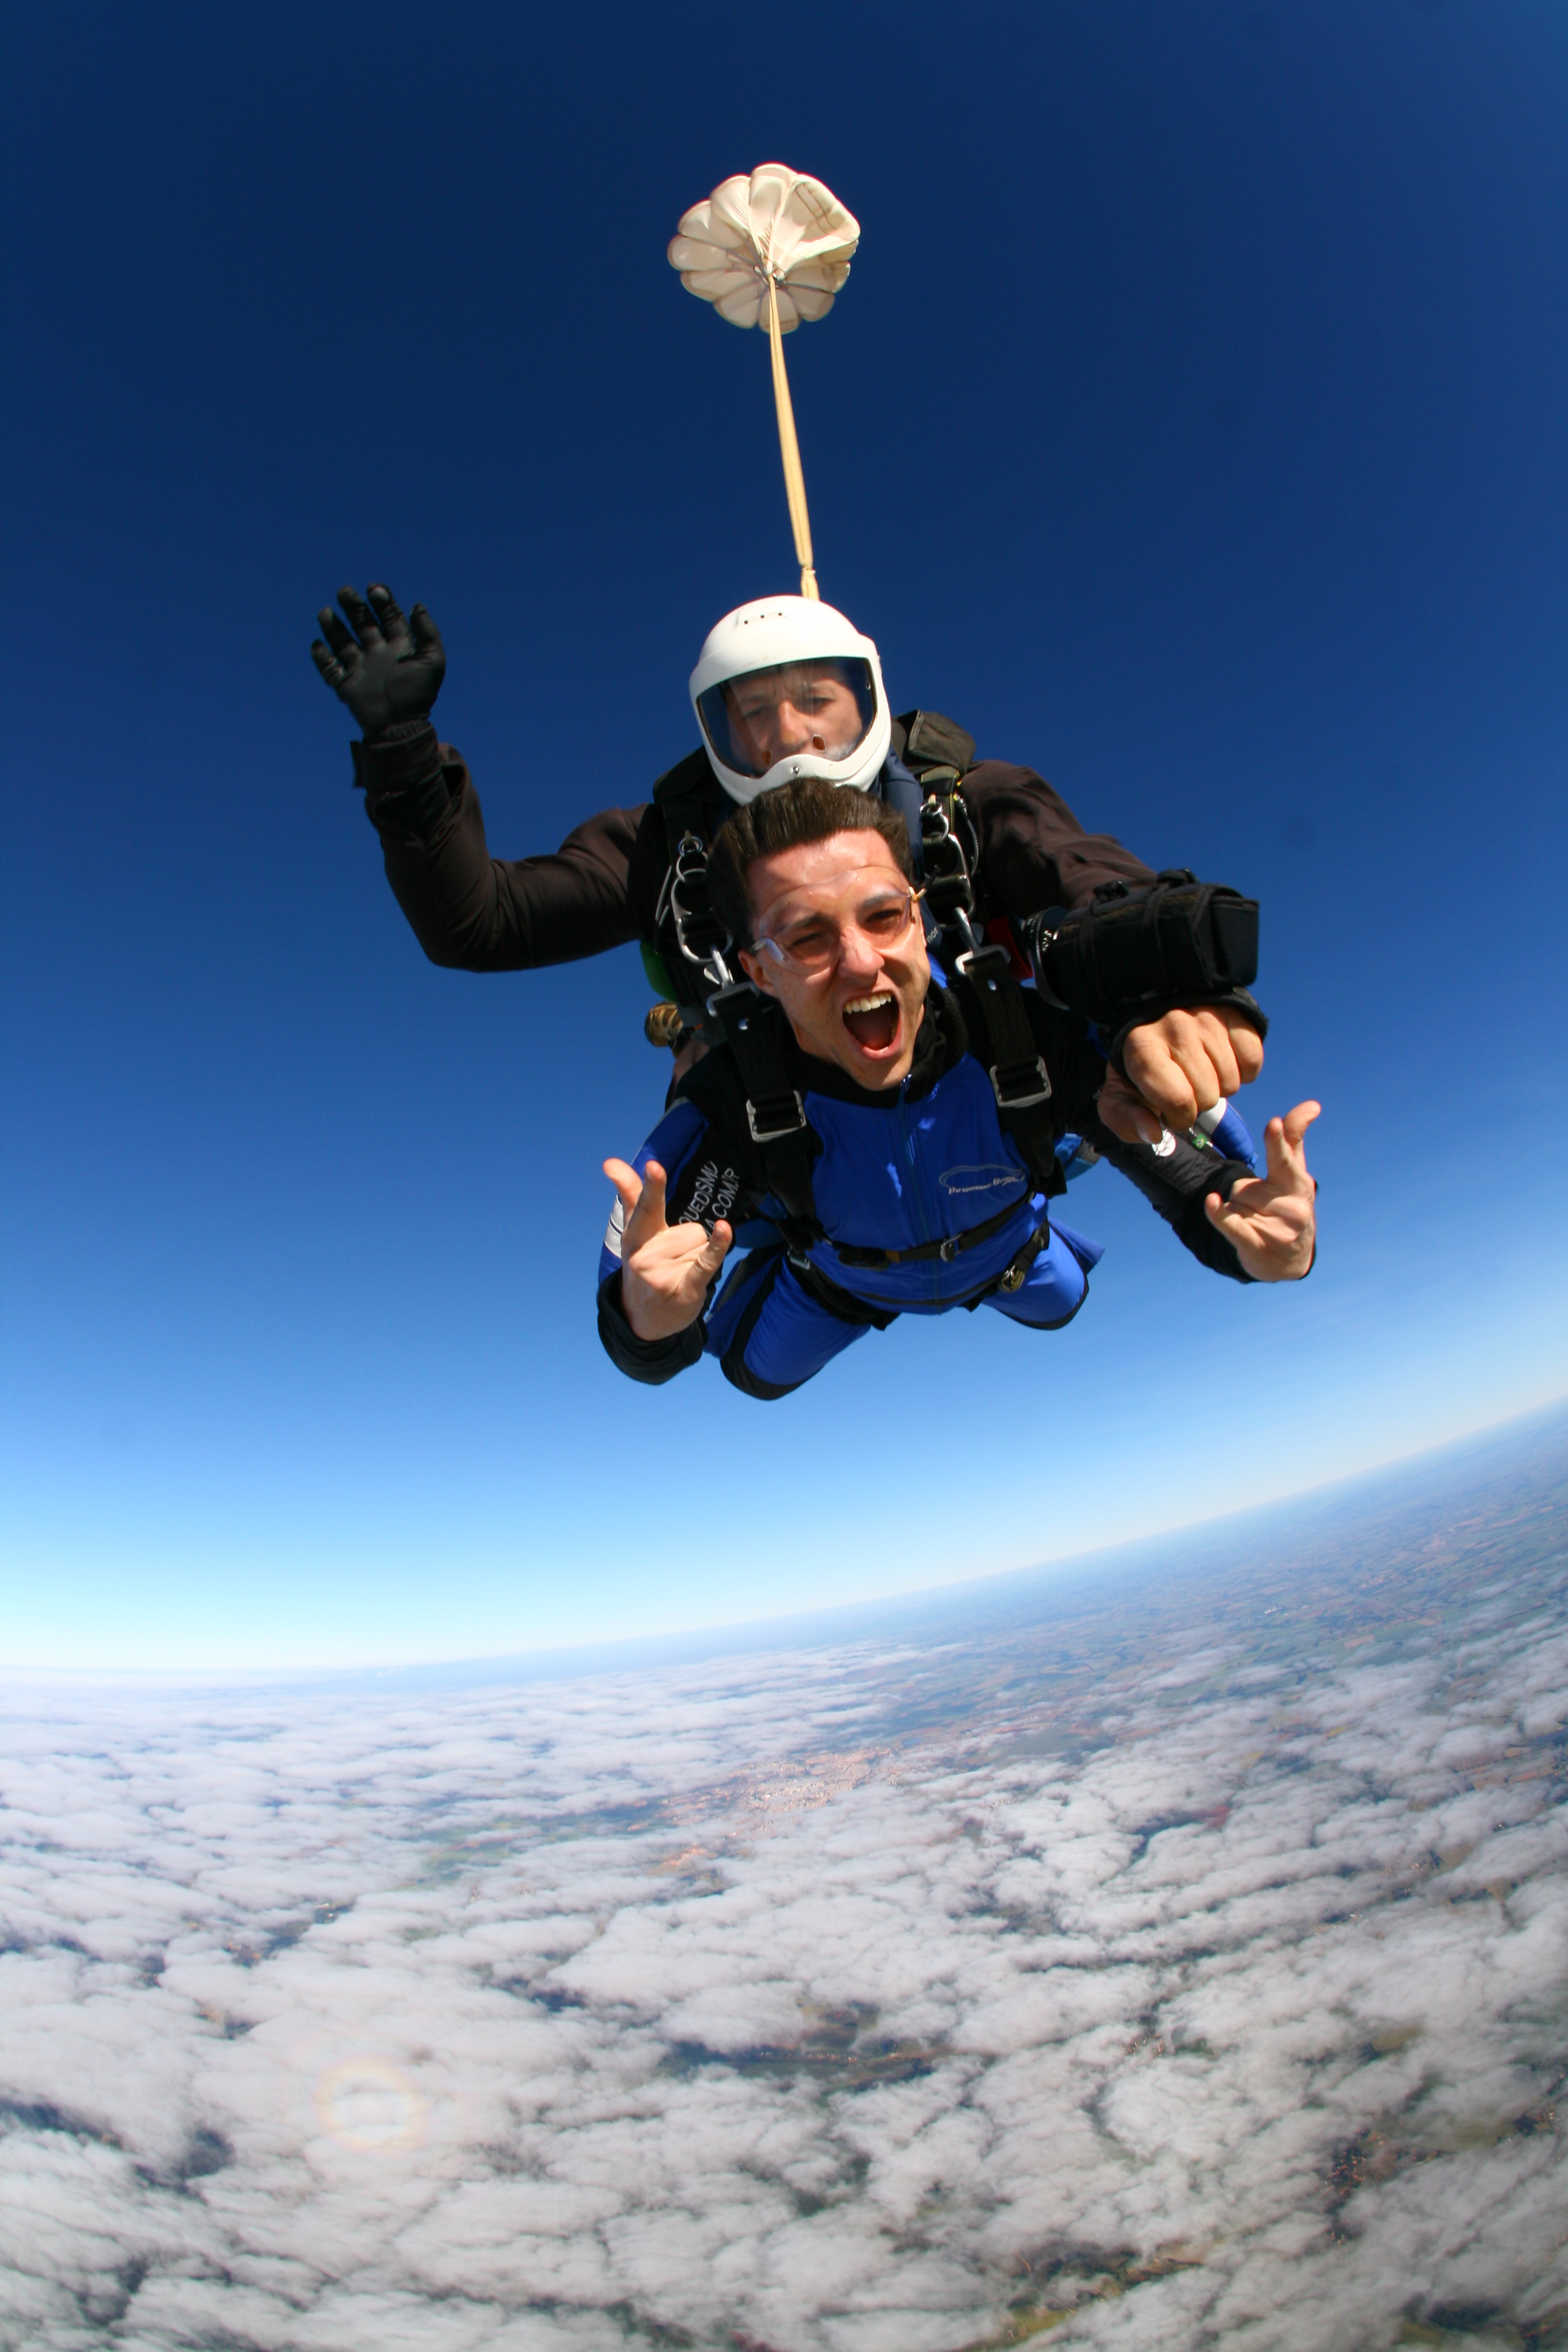 Saltar De Paraquedas Em Boituva Como é Esta Experiência